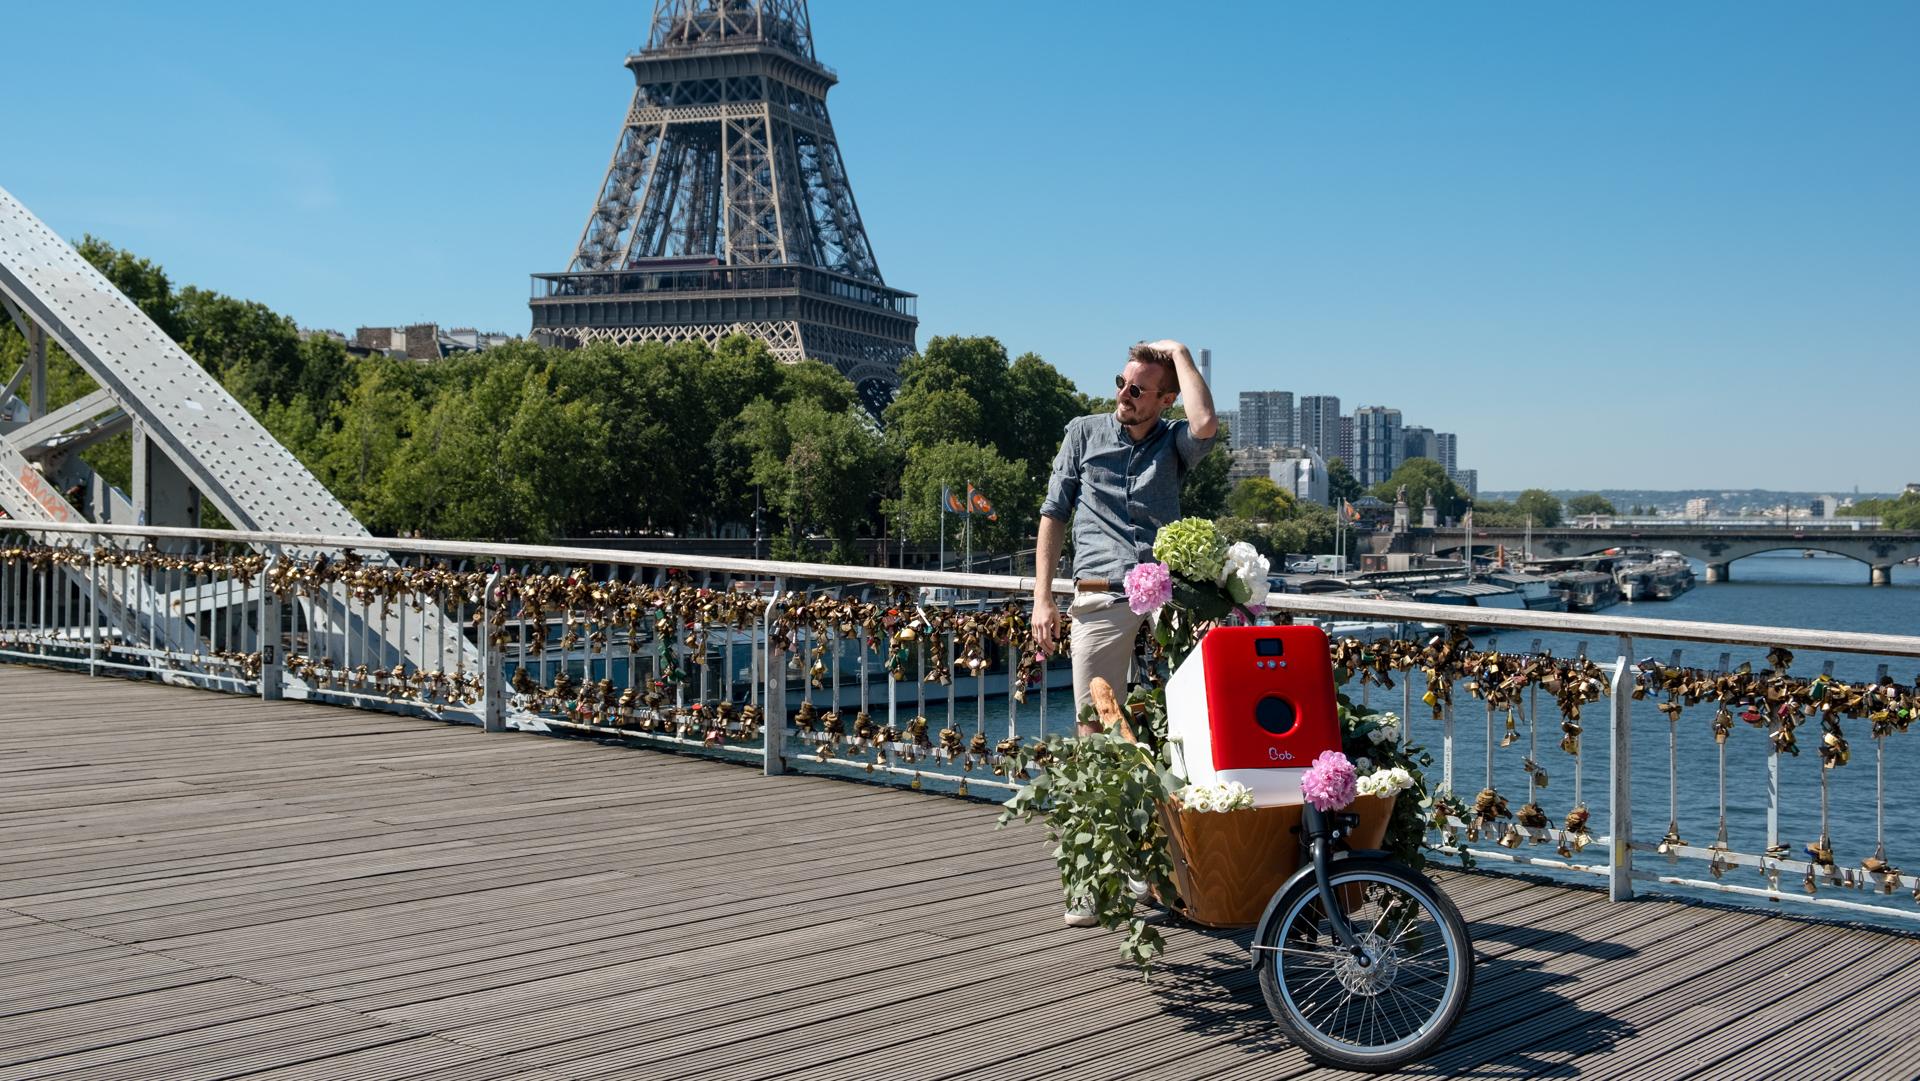 Bob le mini lave vaisselle sur un vélo cargo hollandais à Paris devant la tour Eiffel